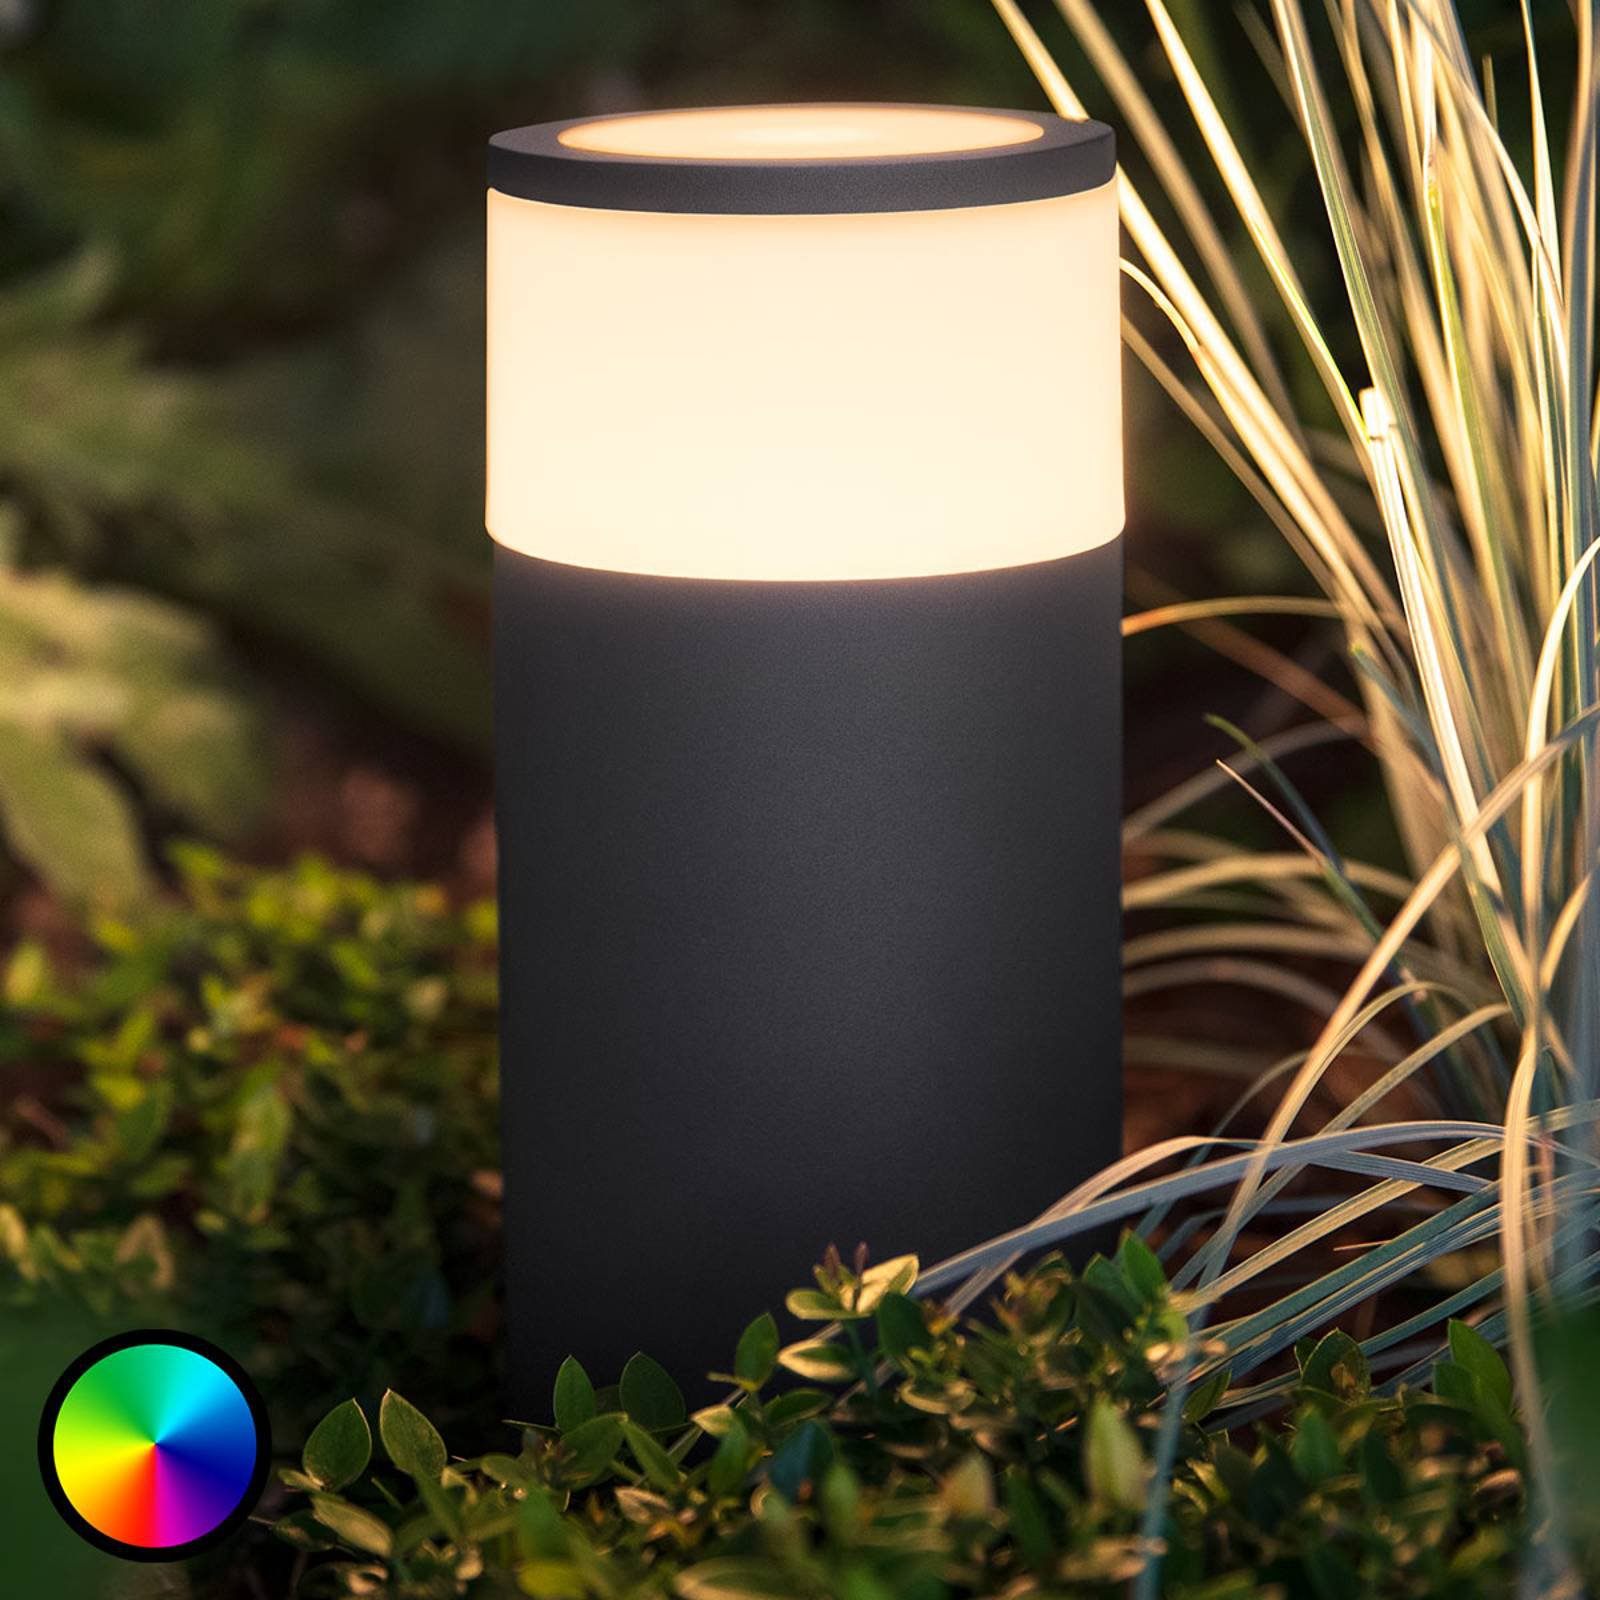 Philips Hue-LED-sokkellampe Calla utvidelse